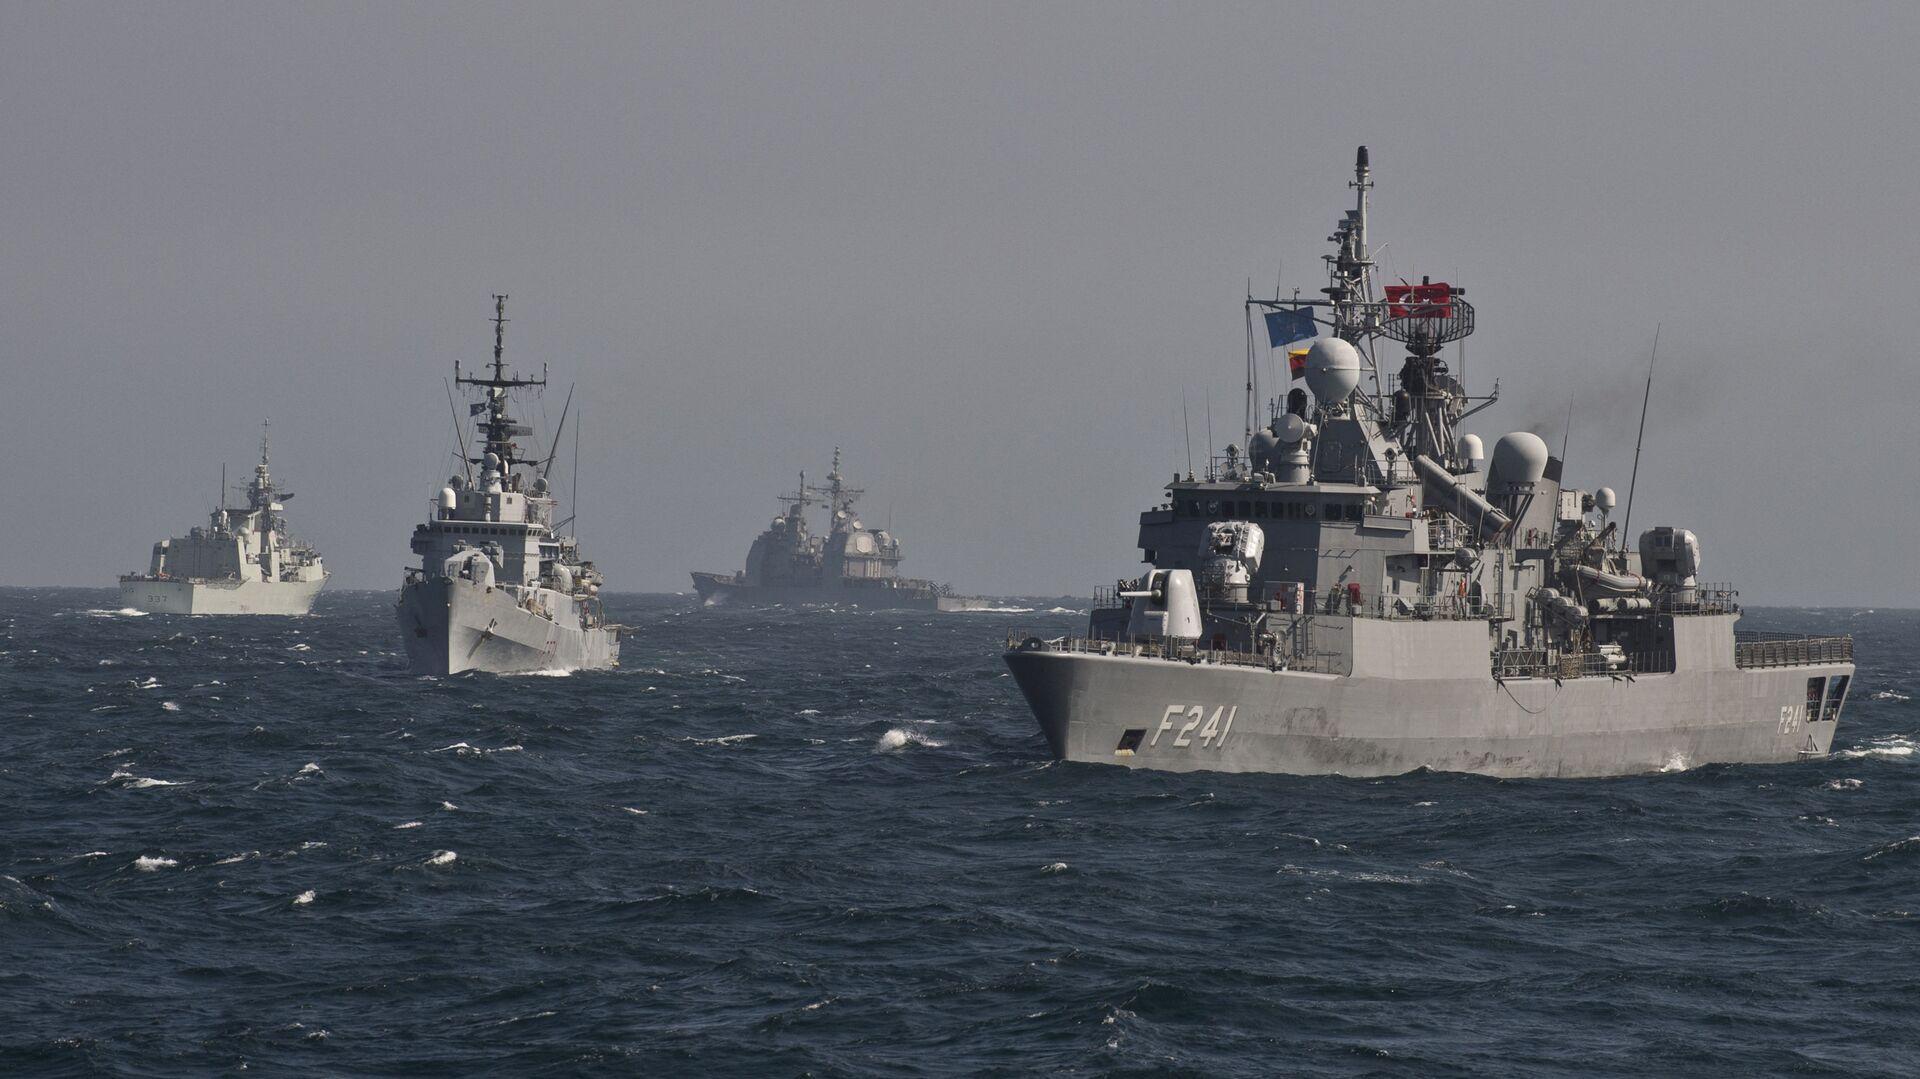 Военные корабли Постоянной морской группы-2 НАТО принимают участие в учениях на Черном море в 60 км от города Констанца - Sputnik Абхазия, 1920, 25.07.2021